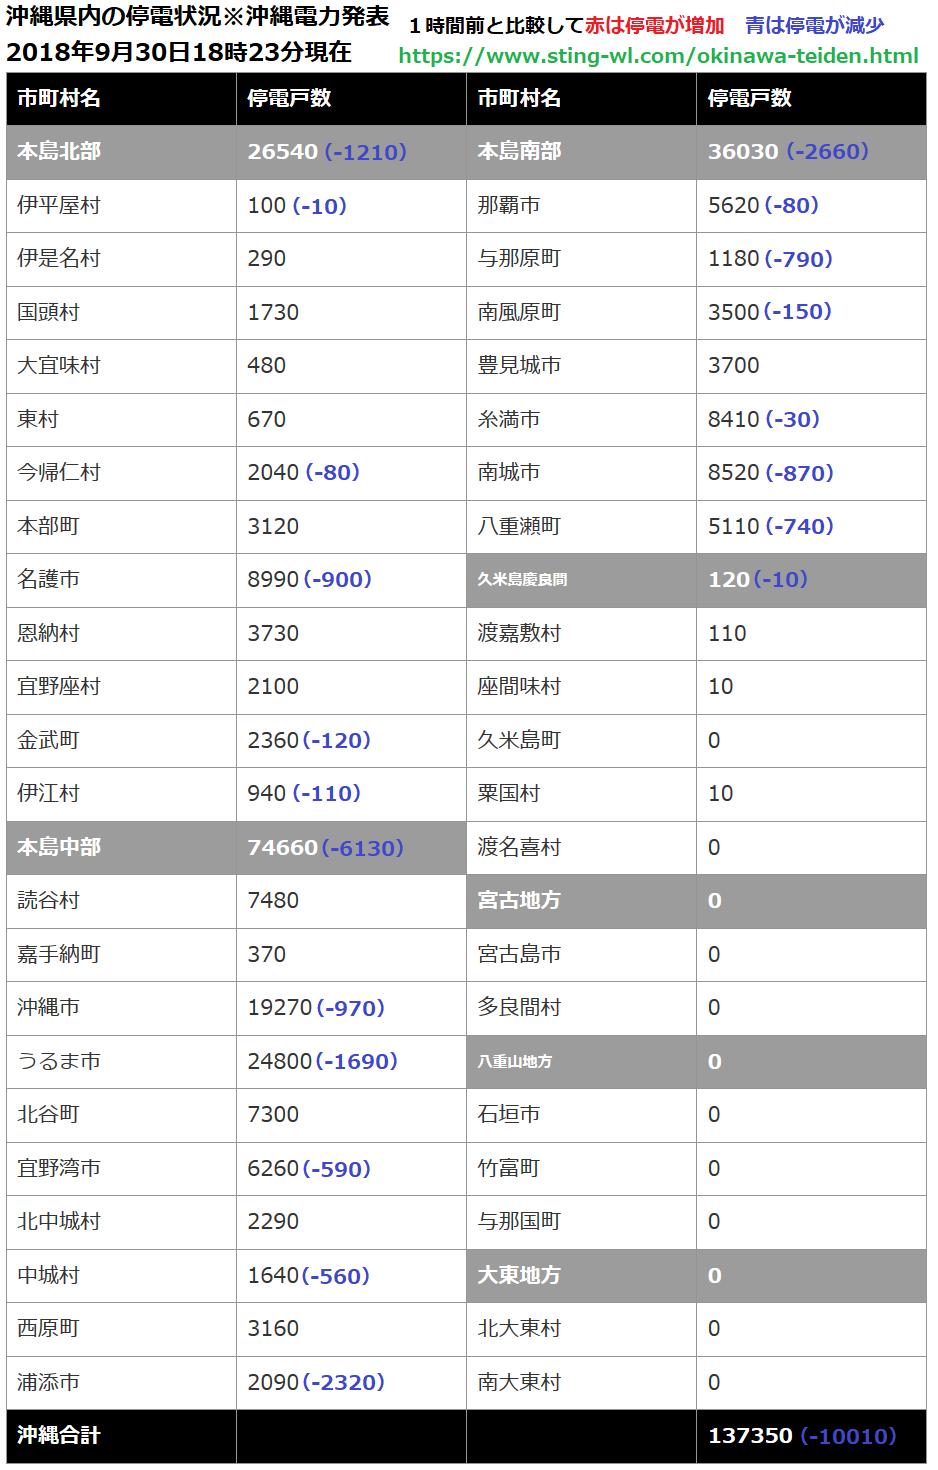 沖縄県内の停電数が1時間前と比較して停電数が増えたか?減ったか?一覧表3